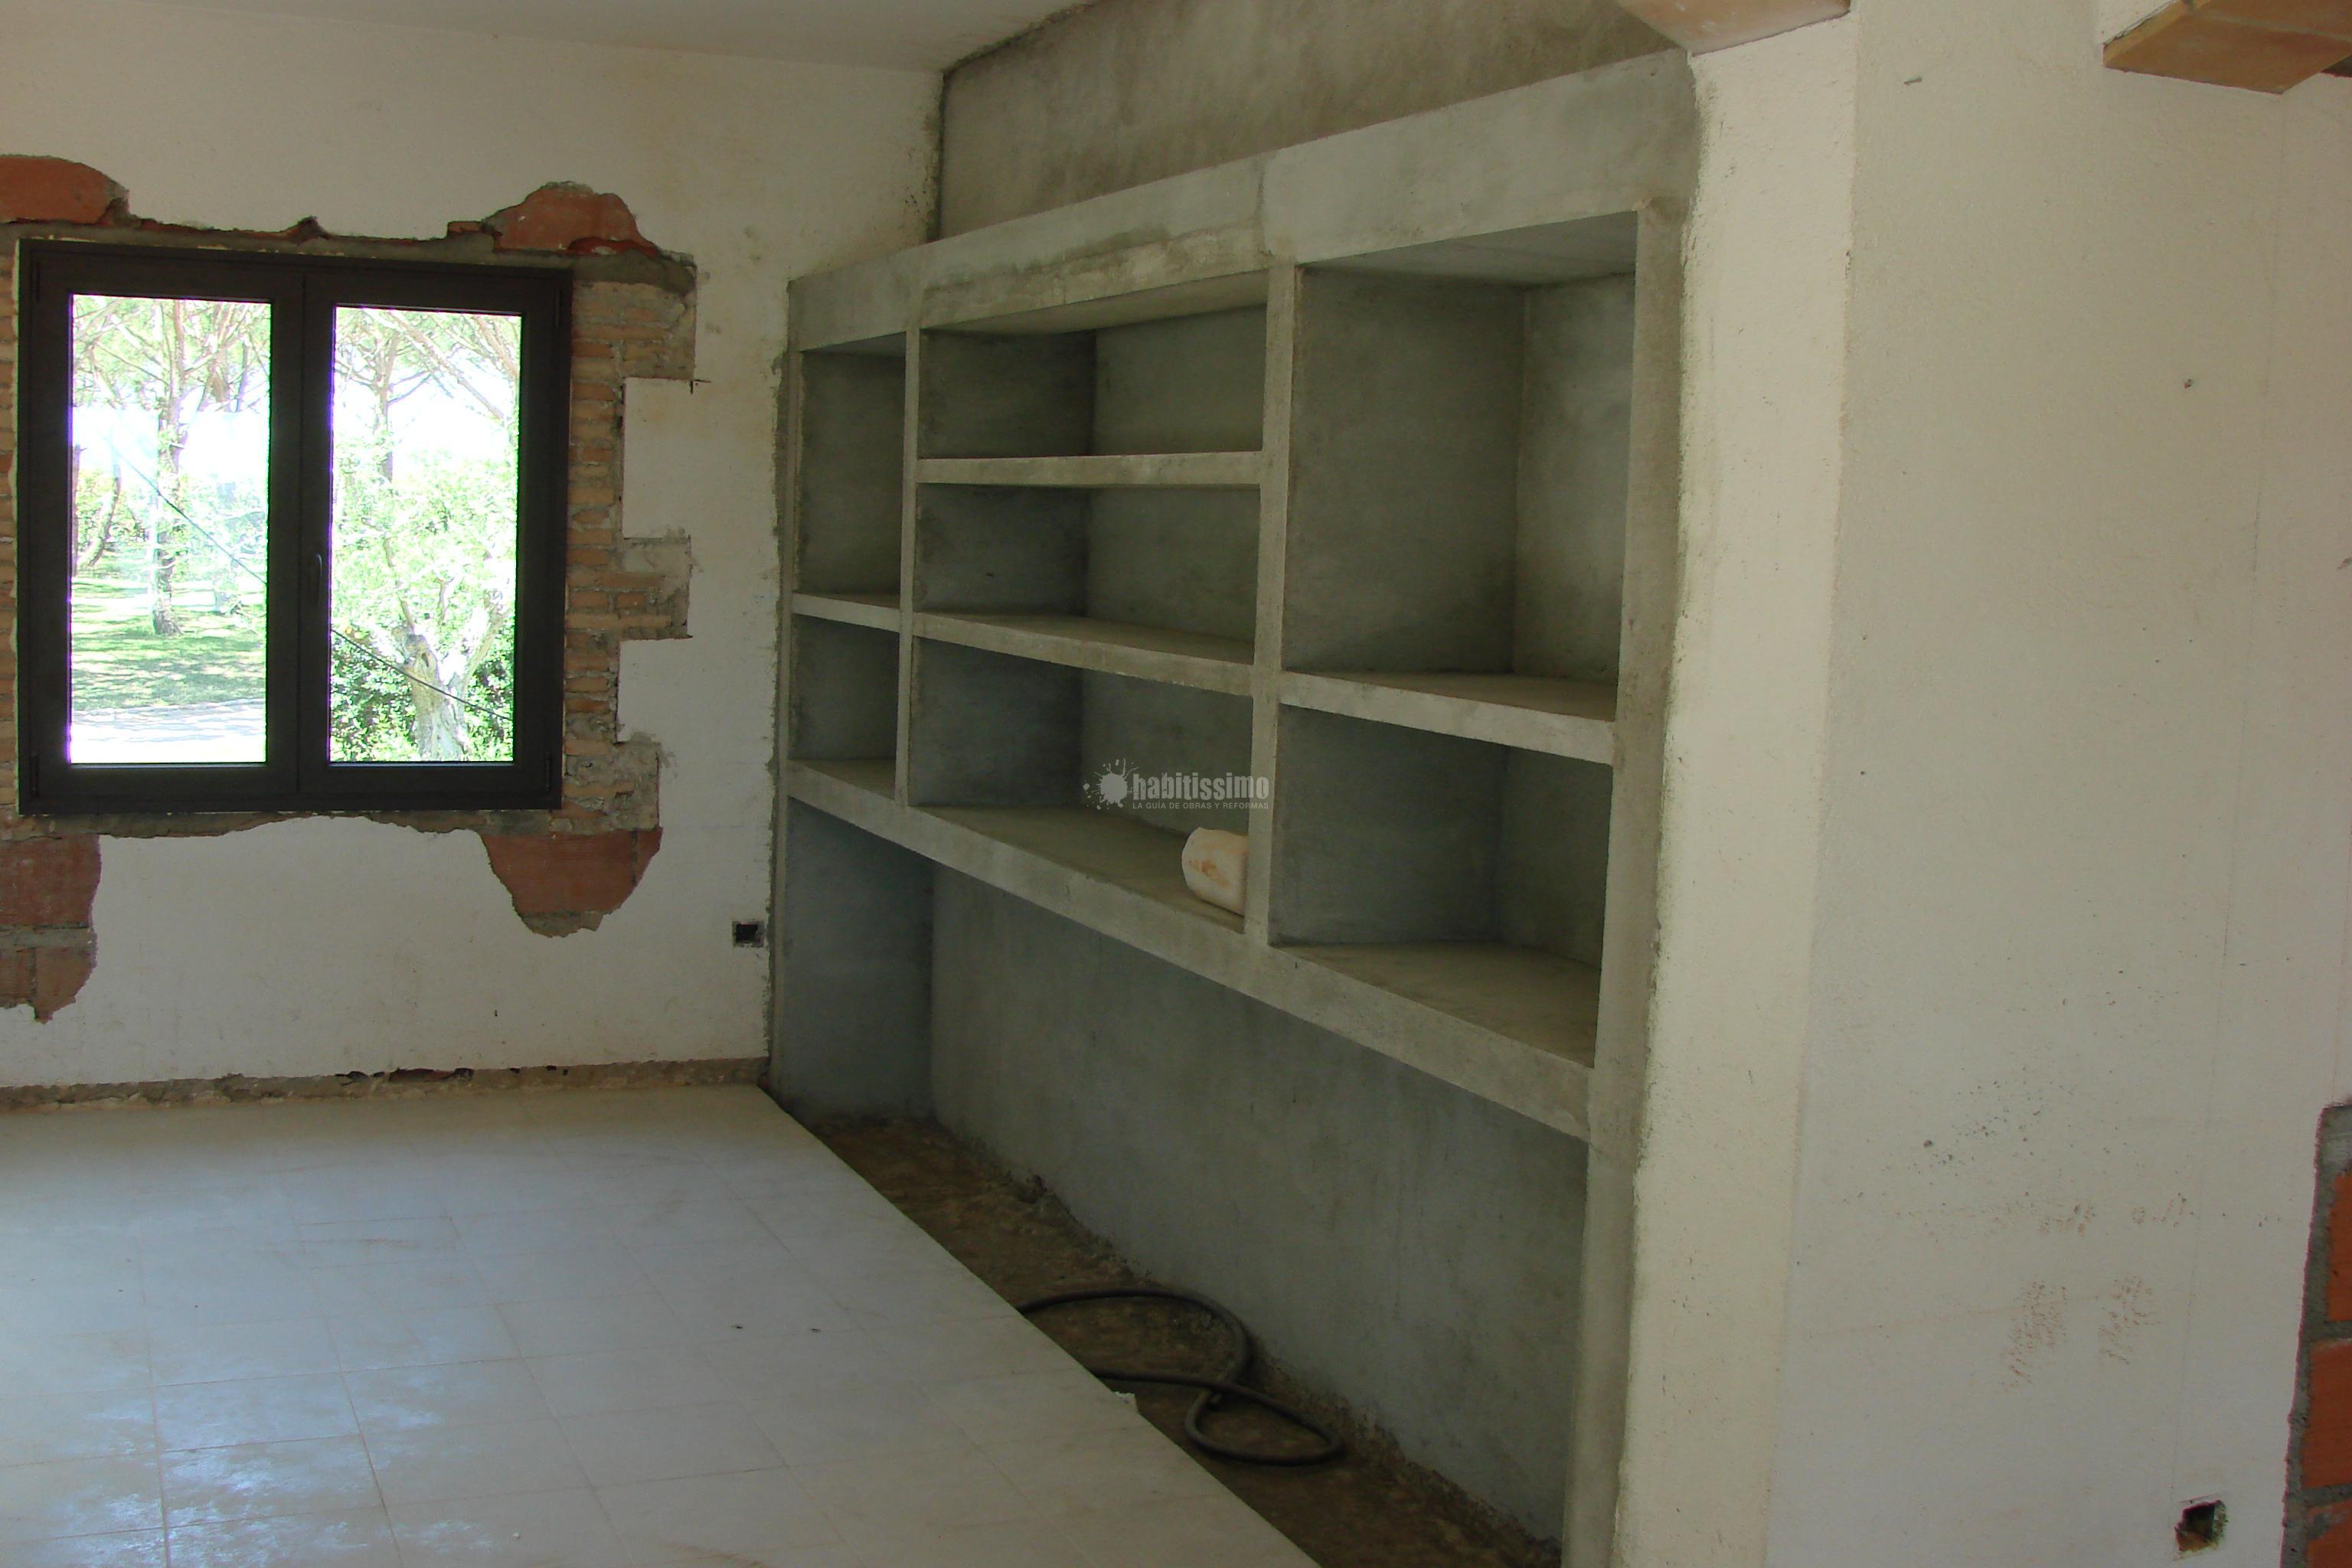 Cemento pulido a casa a l 39 empord proyectos alba iles - Banos de cemento pulido ...